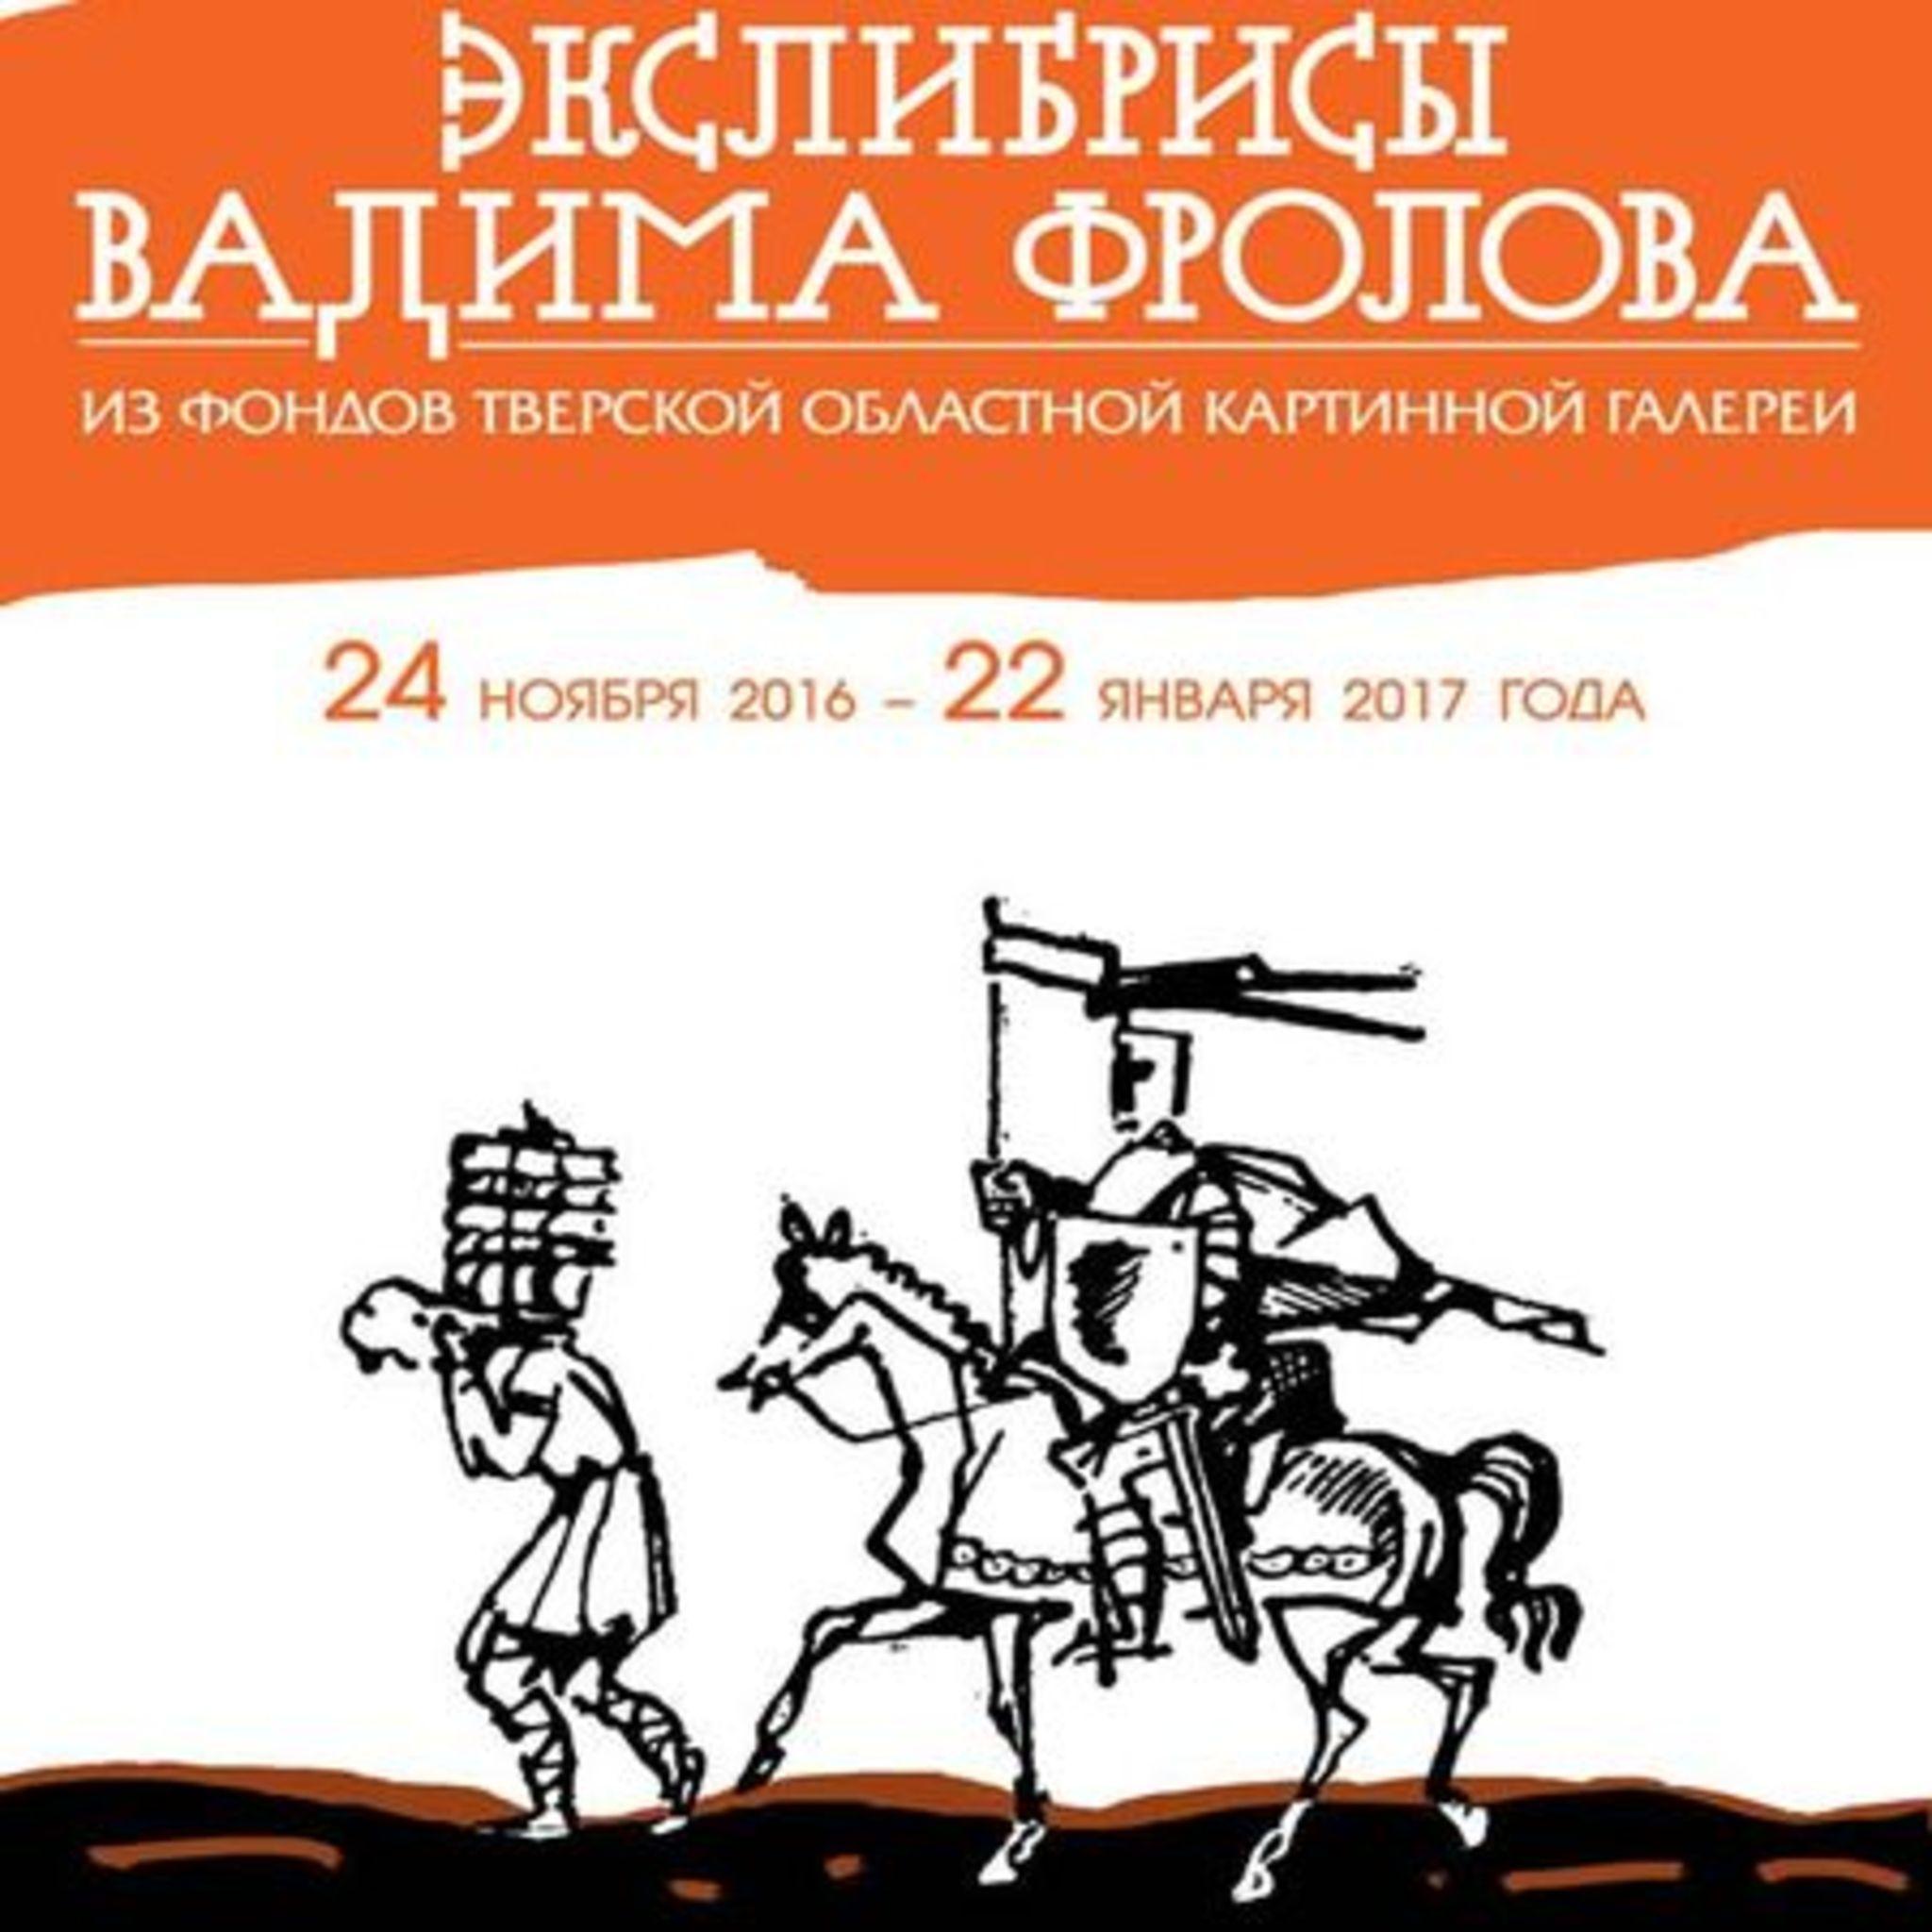 Выставка «Экслибрисы Вадима Фролова»